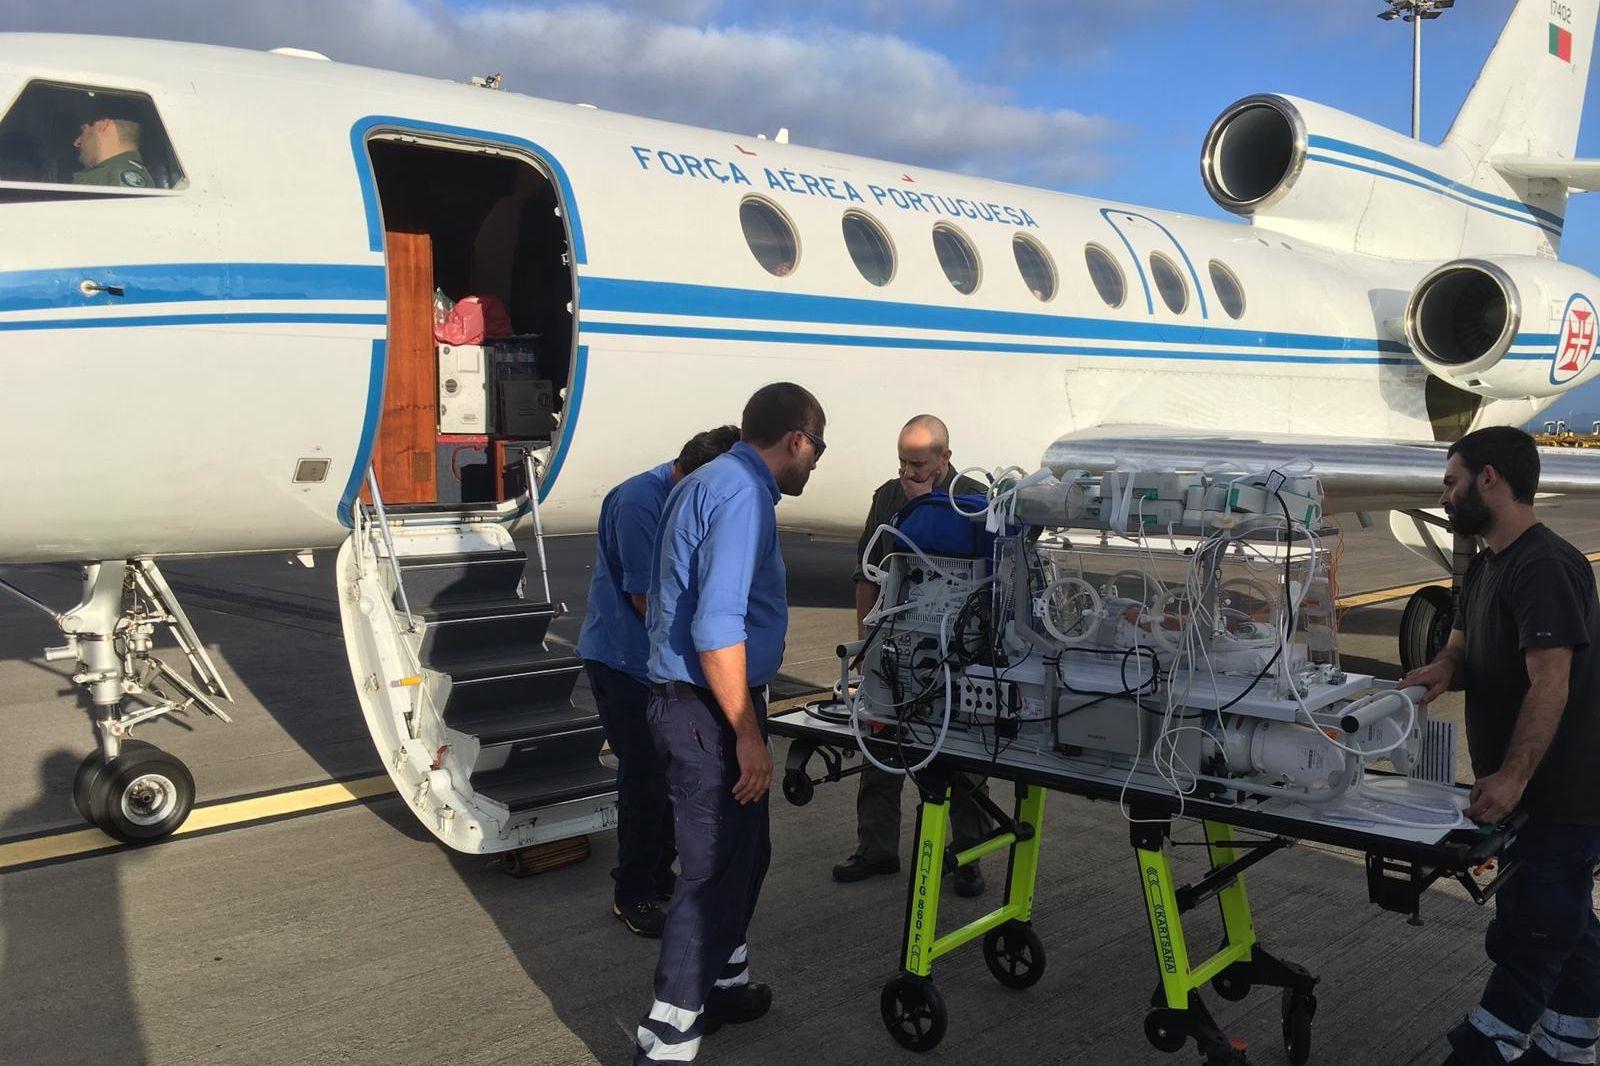 Recém-nascido prematuro transportado de urgência pela Força Aérea